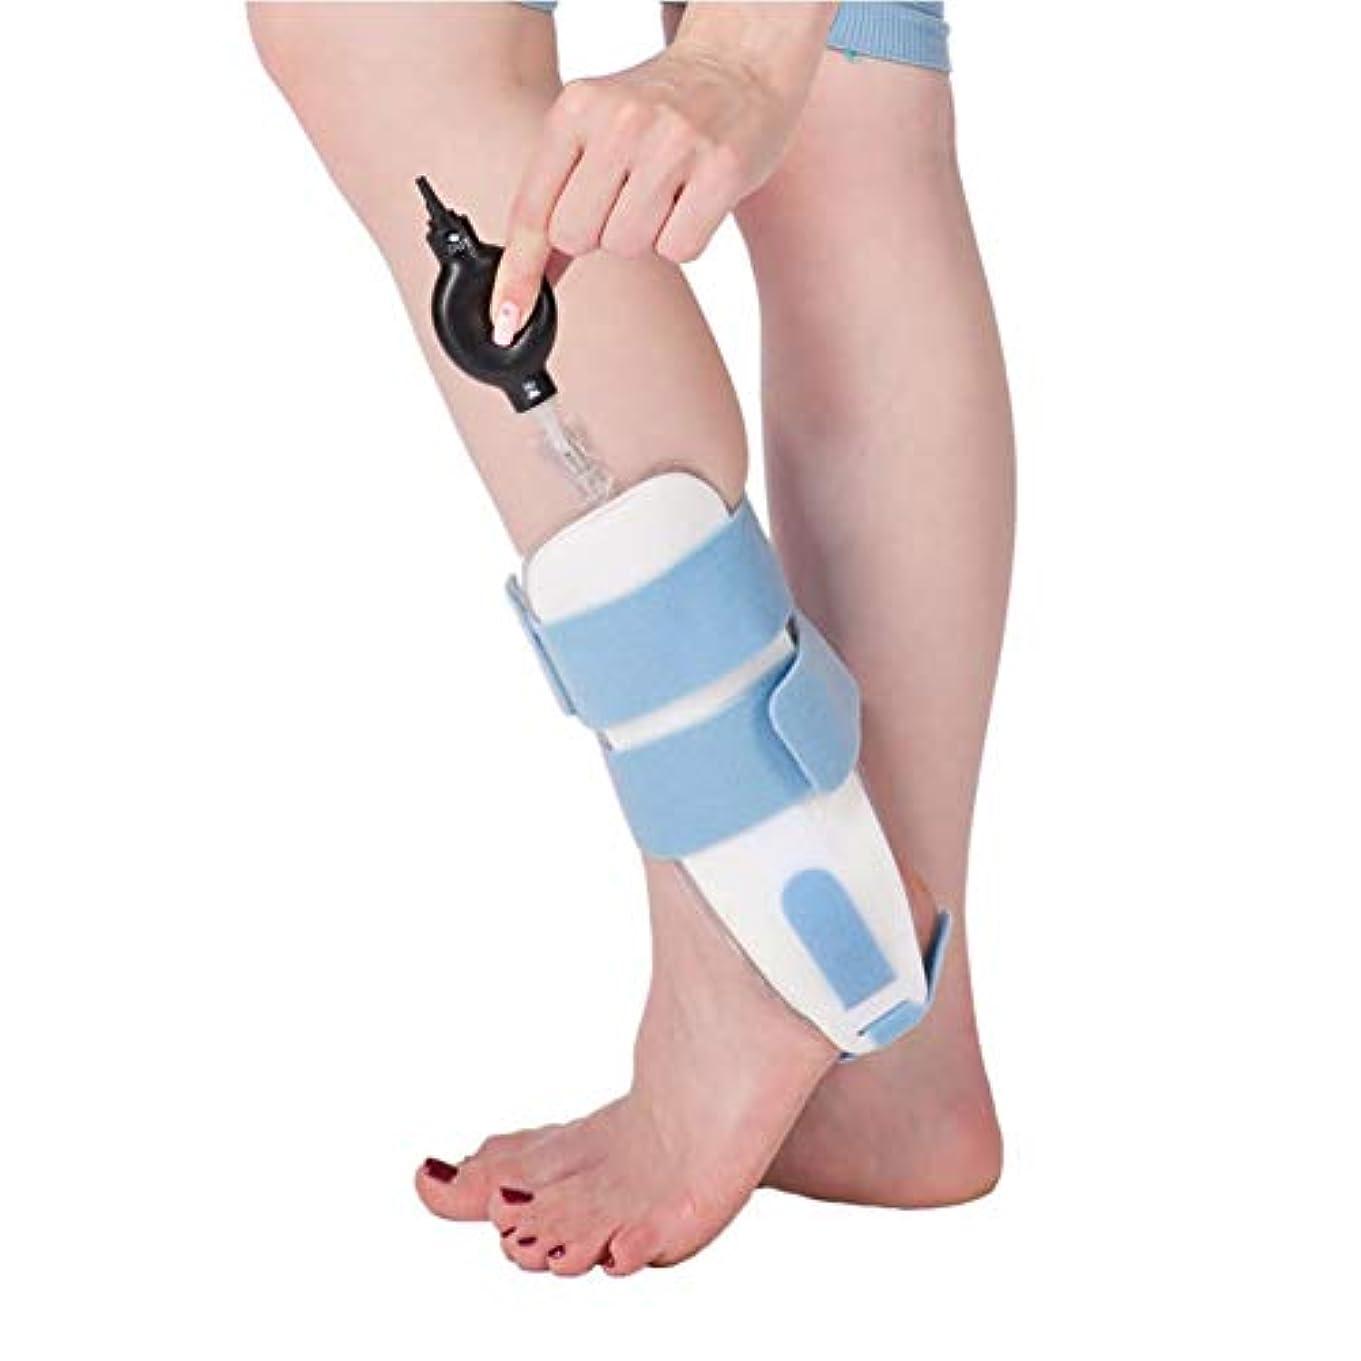 発明名前でなぜ足首の装具の膨脹可能な足首の保護装置は石膏の足の捻rainの固定副木を取り替えることができます